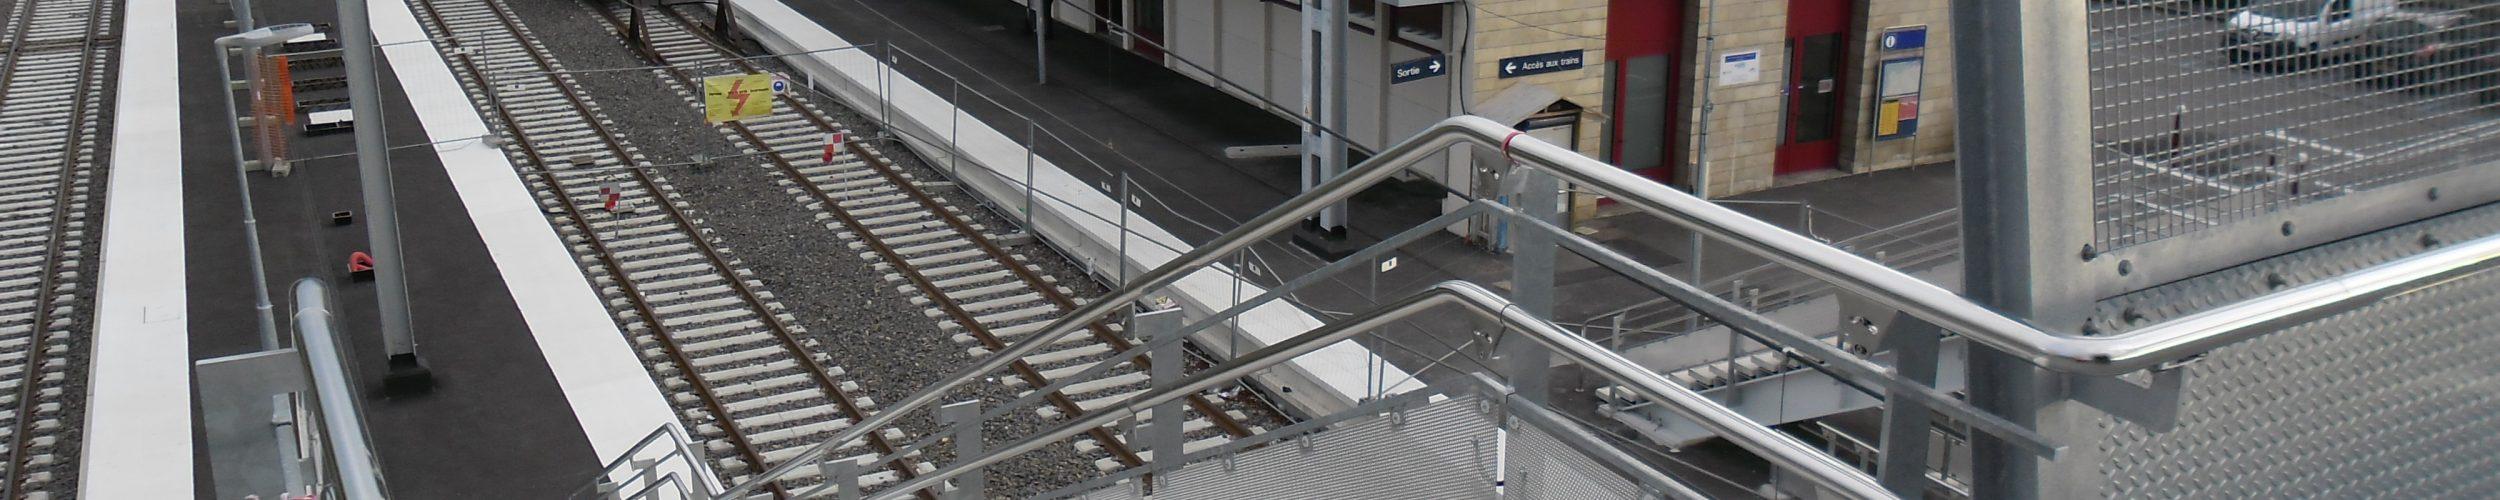 aménagements de gare - rousseau